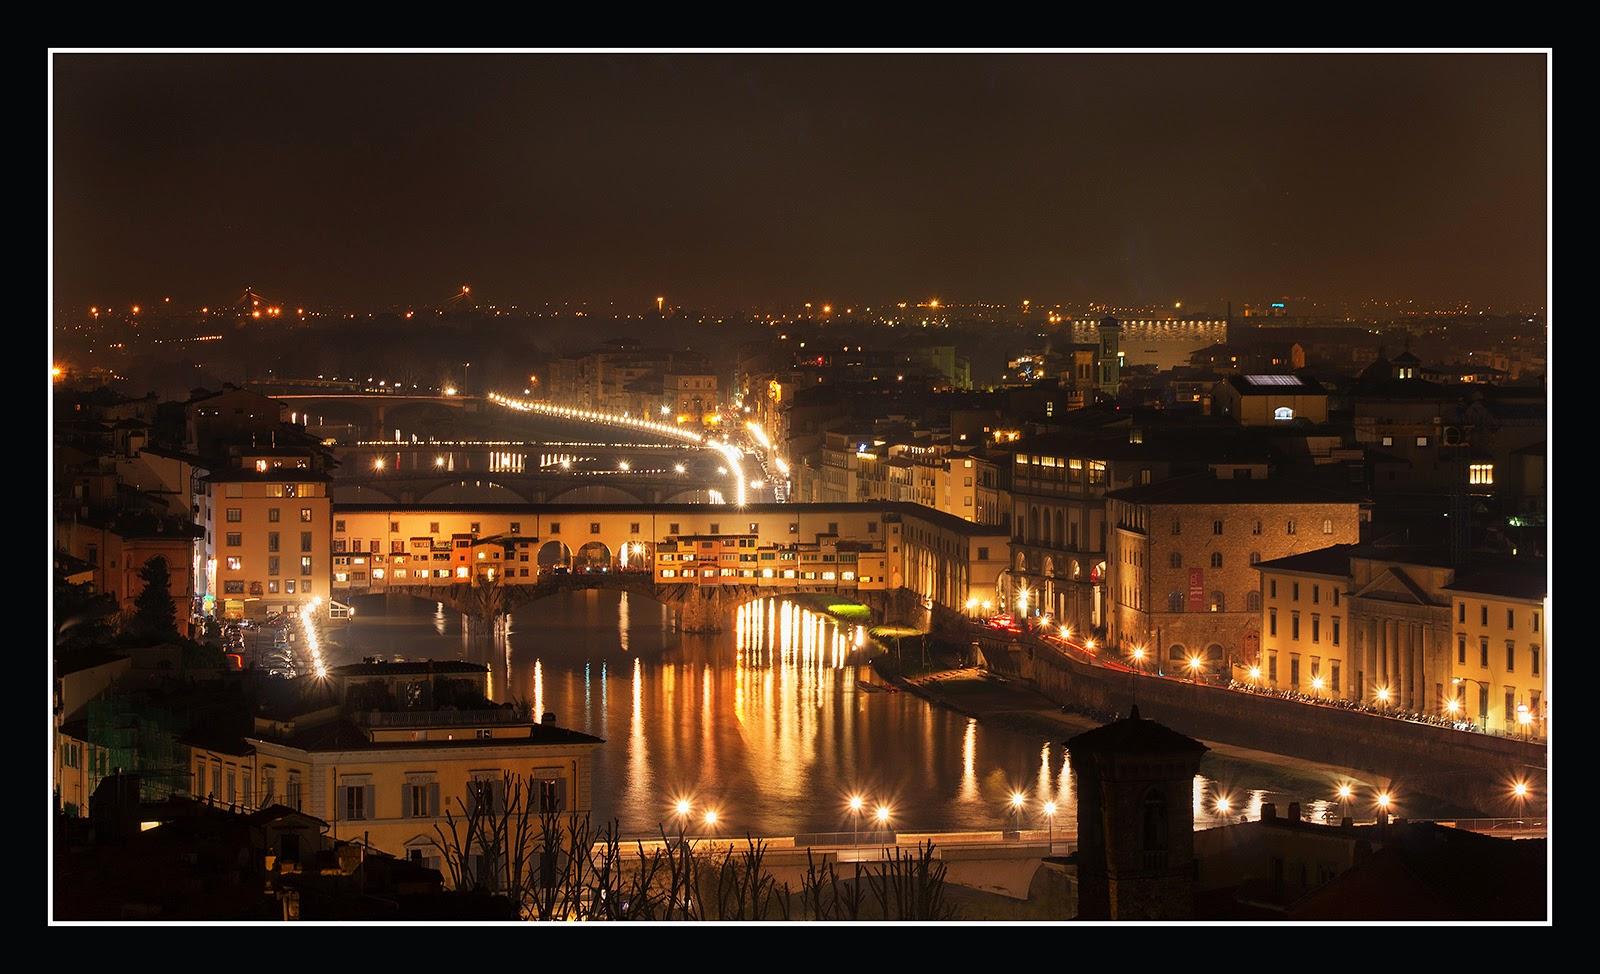 Illuminazione delle piazze : Le-luci-della-notte-di-firenze.jpg